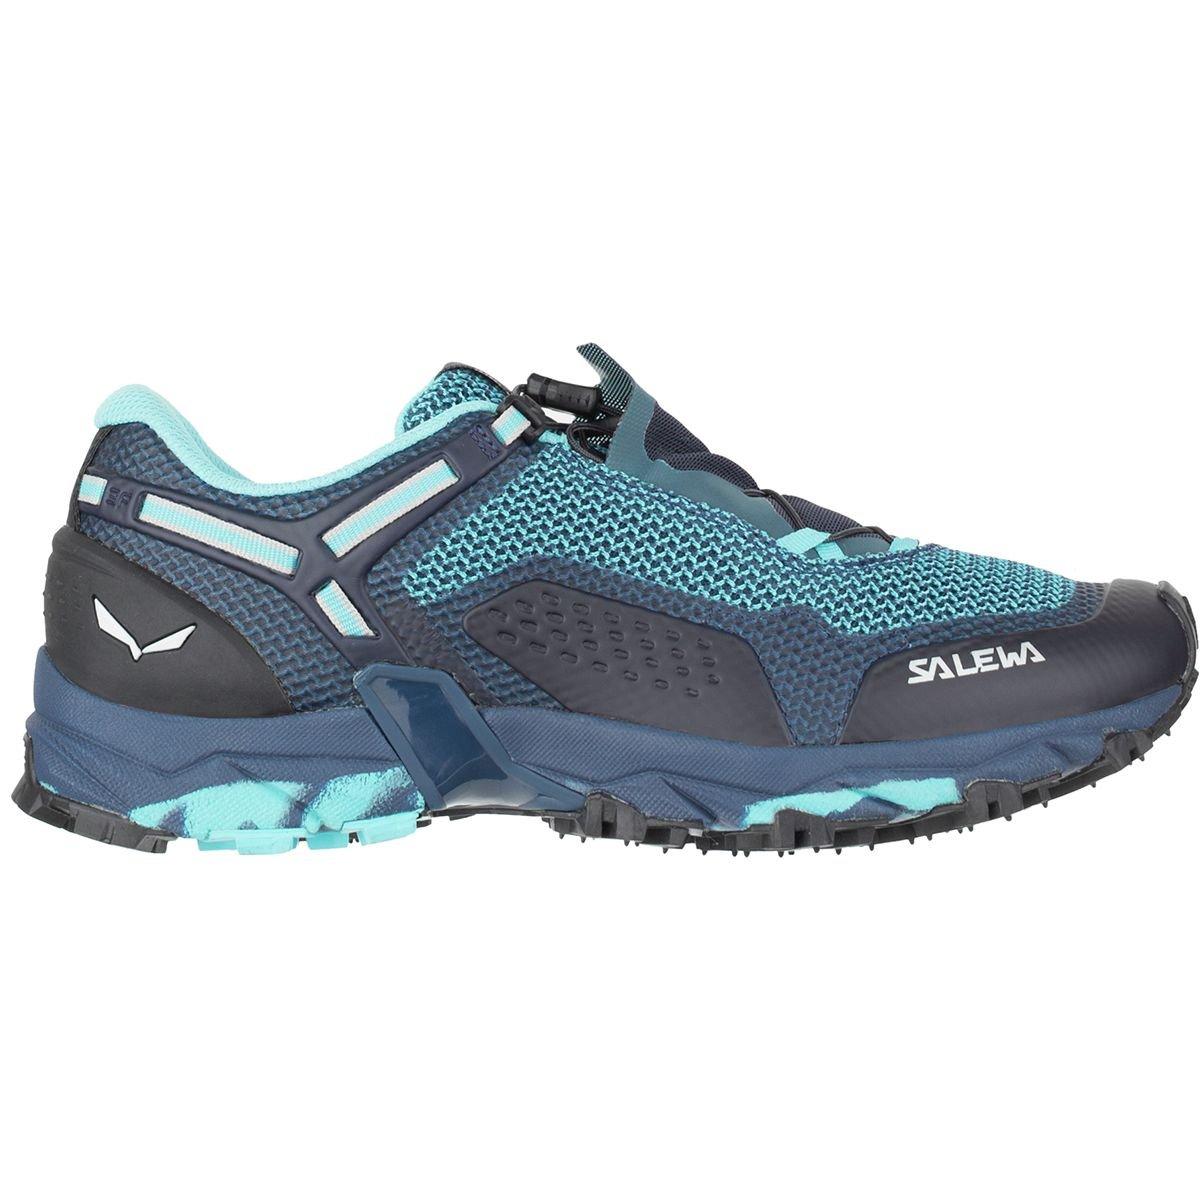 注目 [サレワ] [サレワ] レディース ランニング Ultra ランニング Train 2 Trail 7 Running Shoe [並行輸入品] B07K1D75JT 7, 上三川町:a7e34131 --- beutycity.com